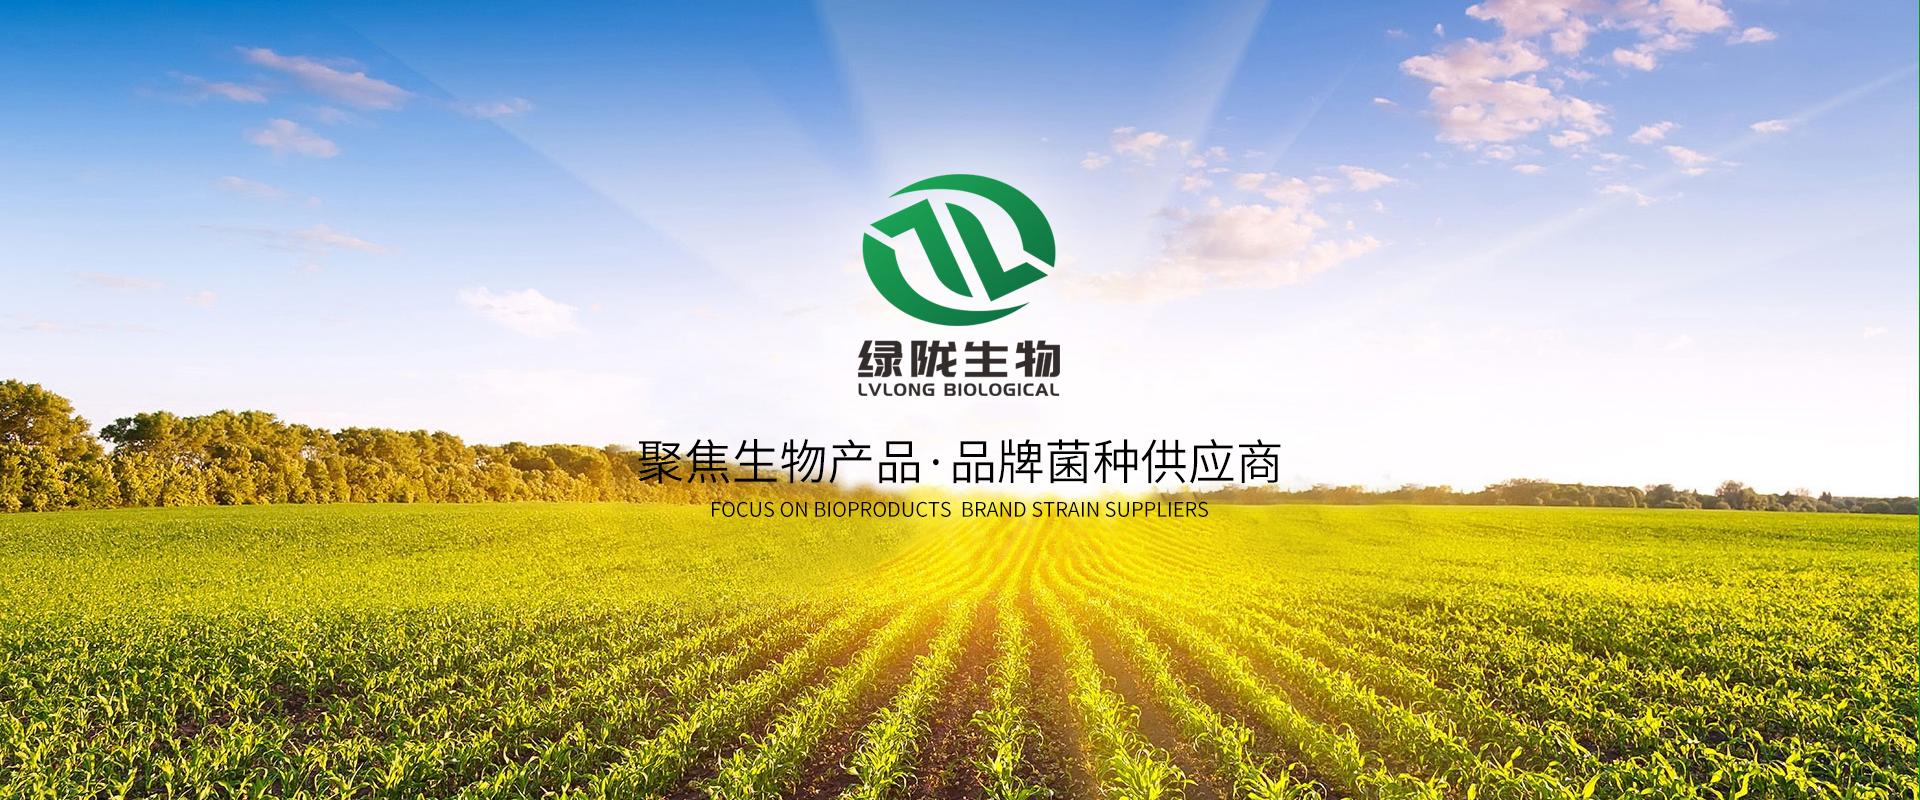 山东绿陇生物技术有限公司